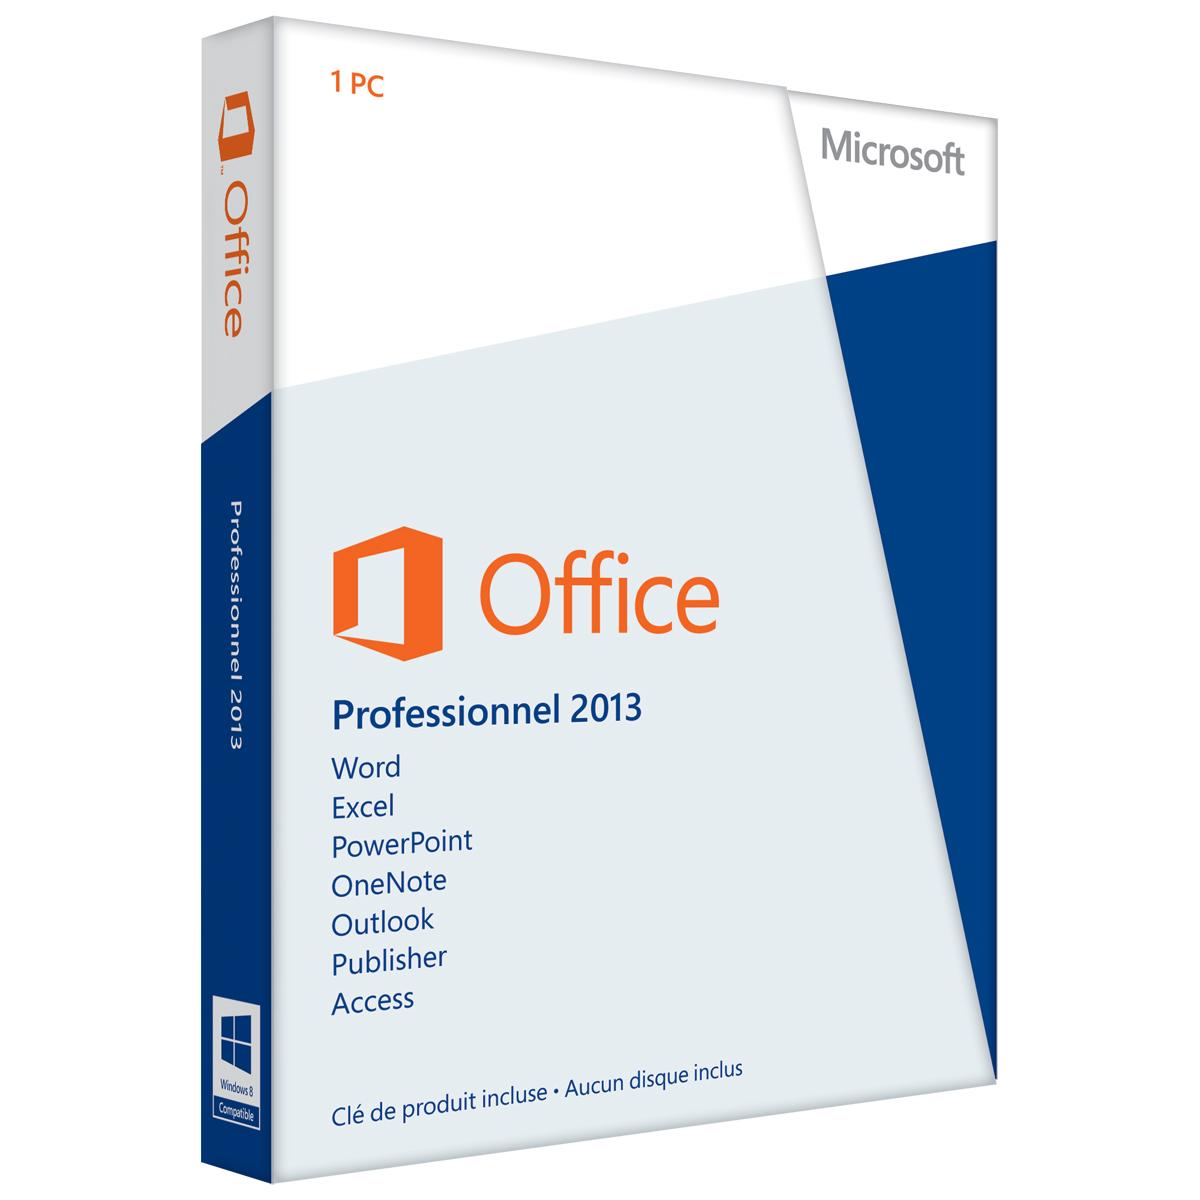 Logiciel Bureautique Microsoft Office Professionnel 2013 Licence 1 Utilisateur Pour PC Carte D